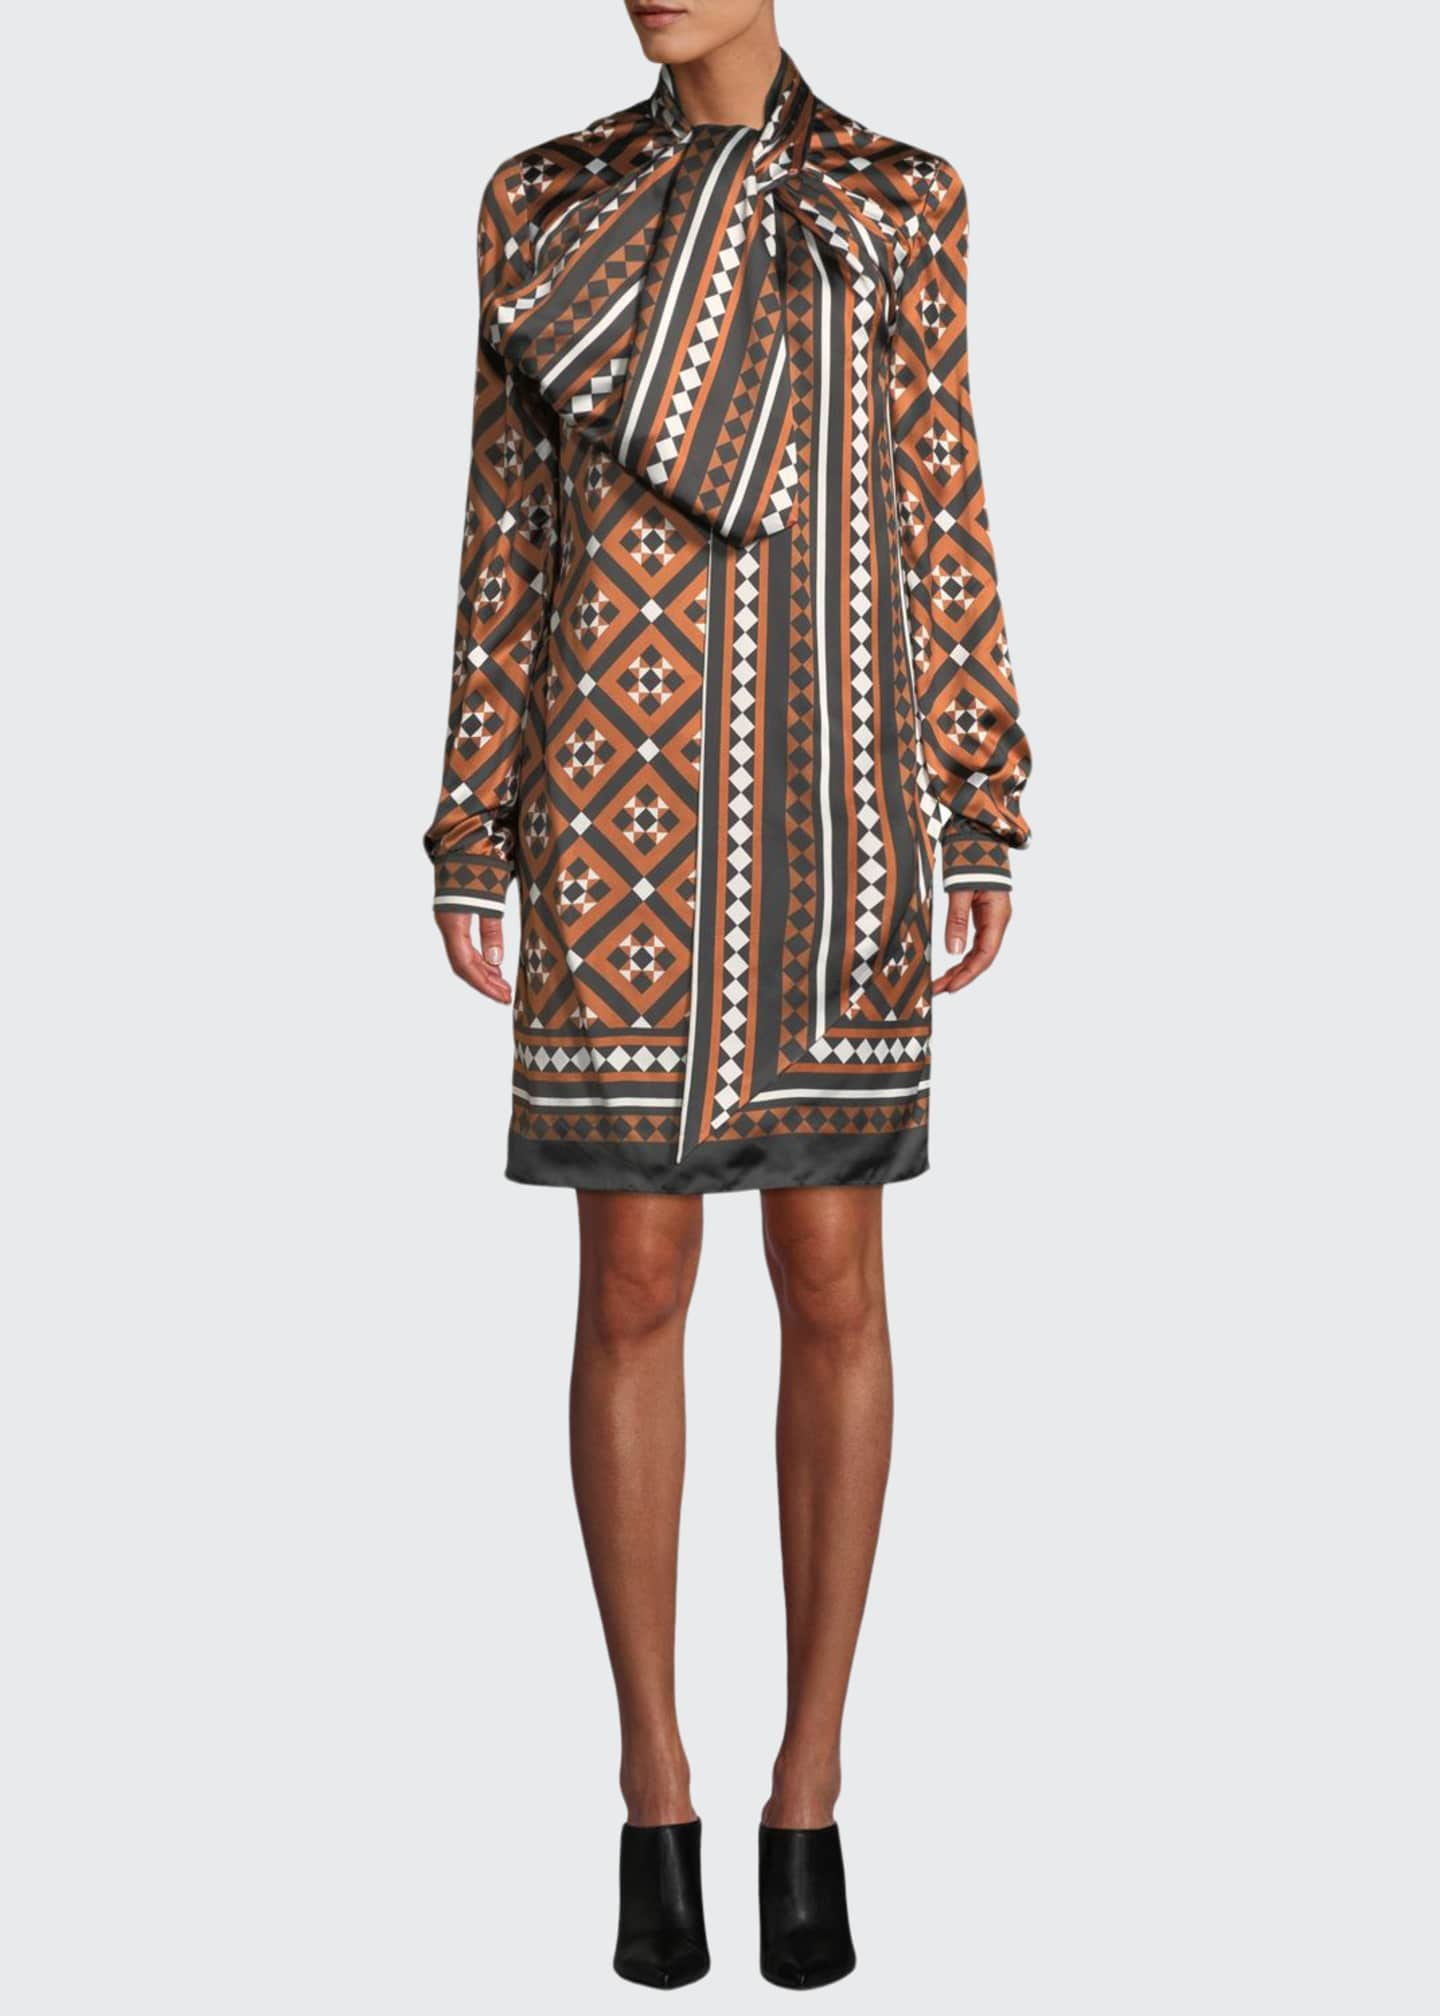 Mary Katrantzou Lyonel Long-Sleeve Tile-Print Cocktail Dress w/